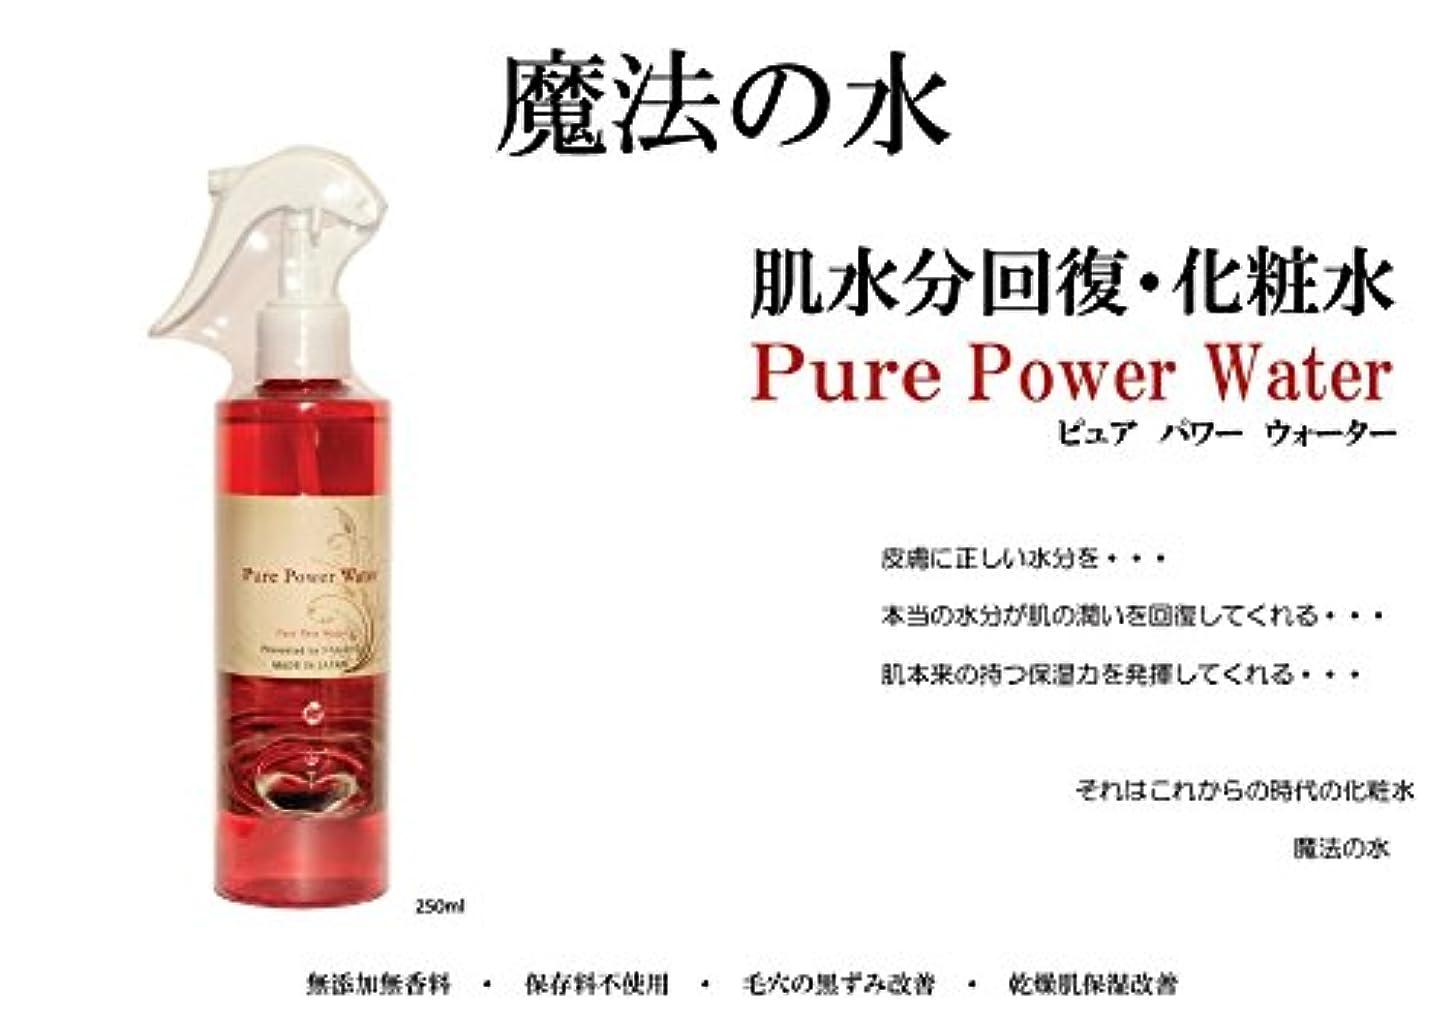 財政呪われたほとんどない基礎化粧水 Pure Power Water 化粧水 マイナスイオン ブースター 魔法の化粧水